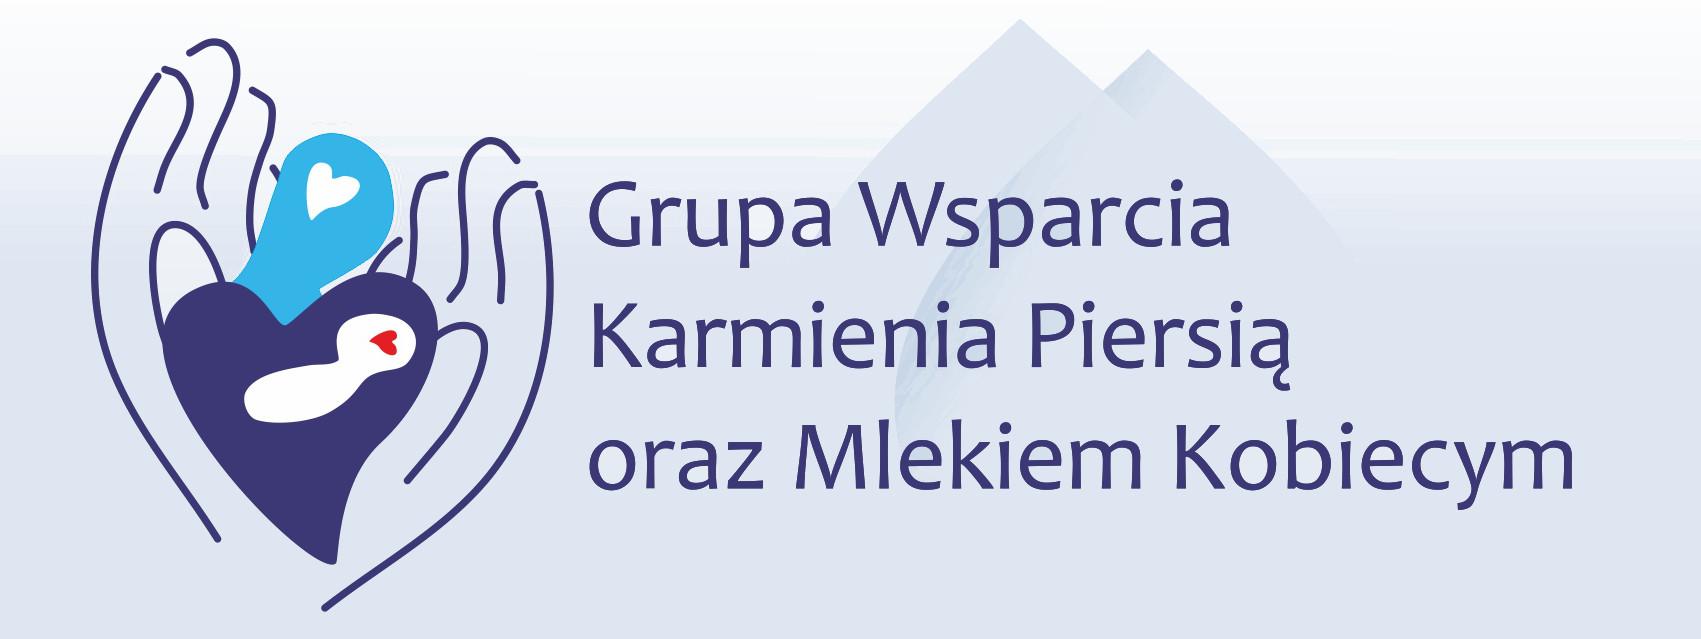 Logo Grupa Wsparcia Karmienia Piersią oraz Mlekiem kobiecym